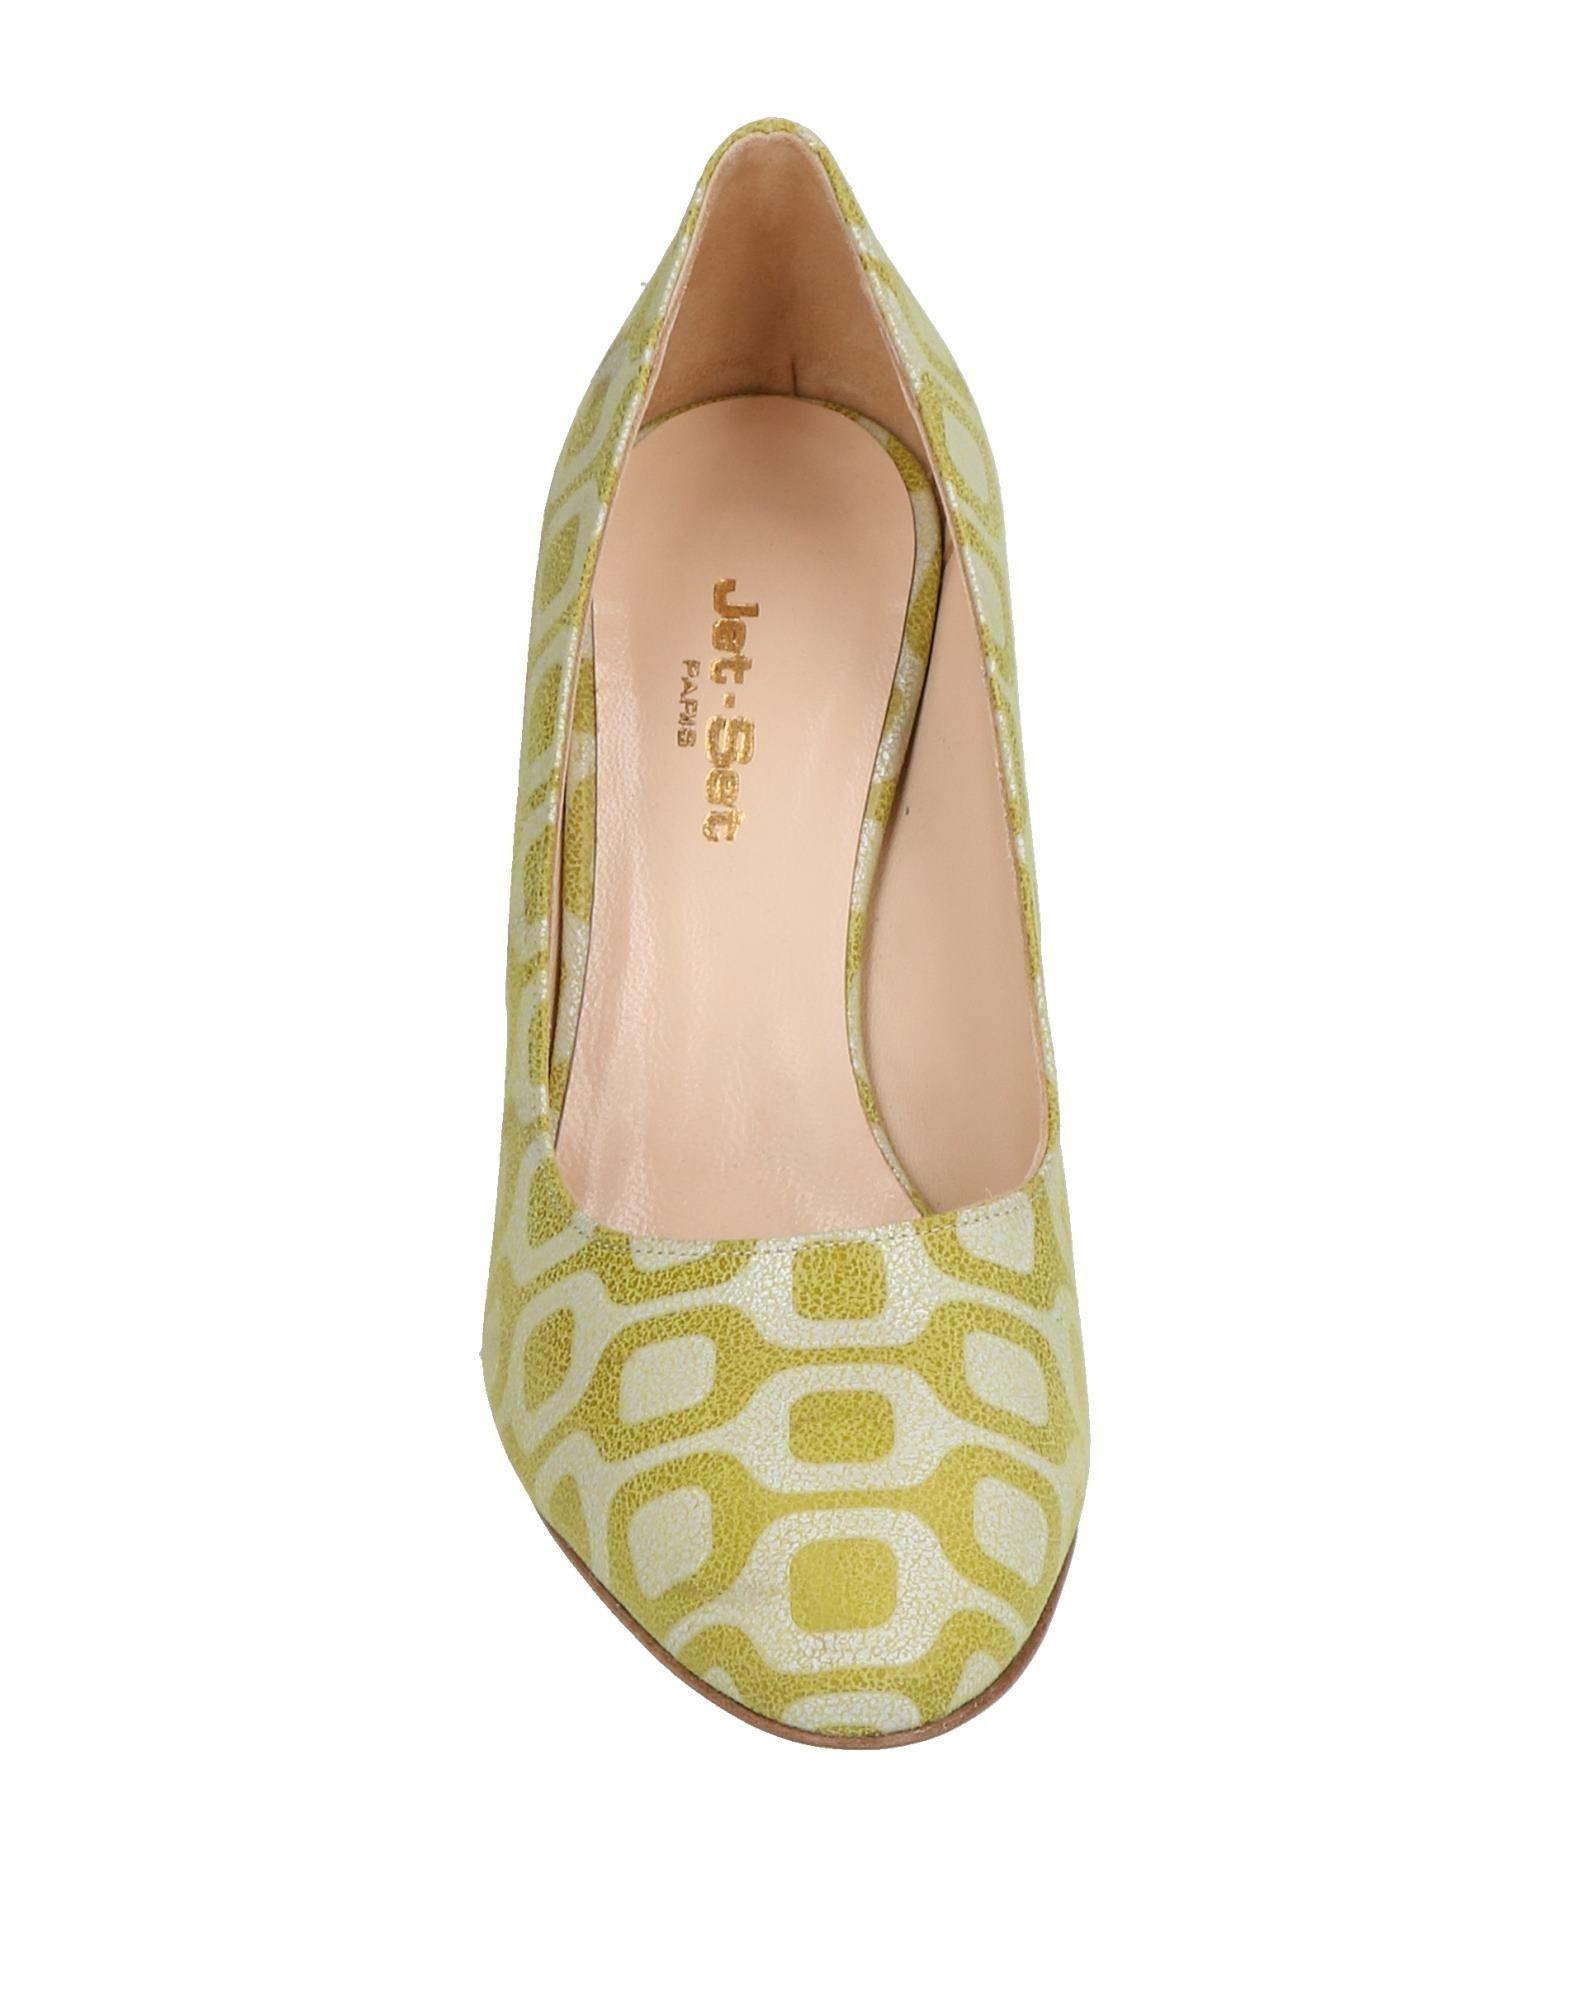 Jet 11481523BS 11481523BS Jet Gute Qualität beliebte Schuhe 8dc27a